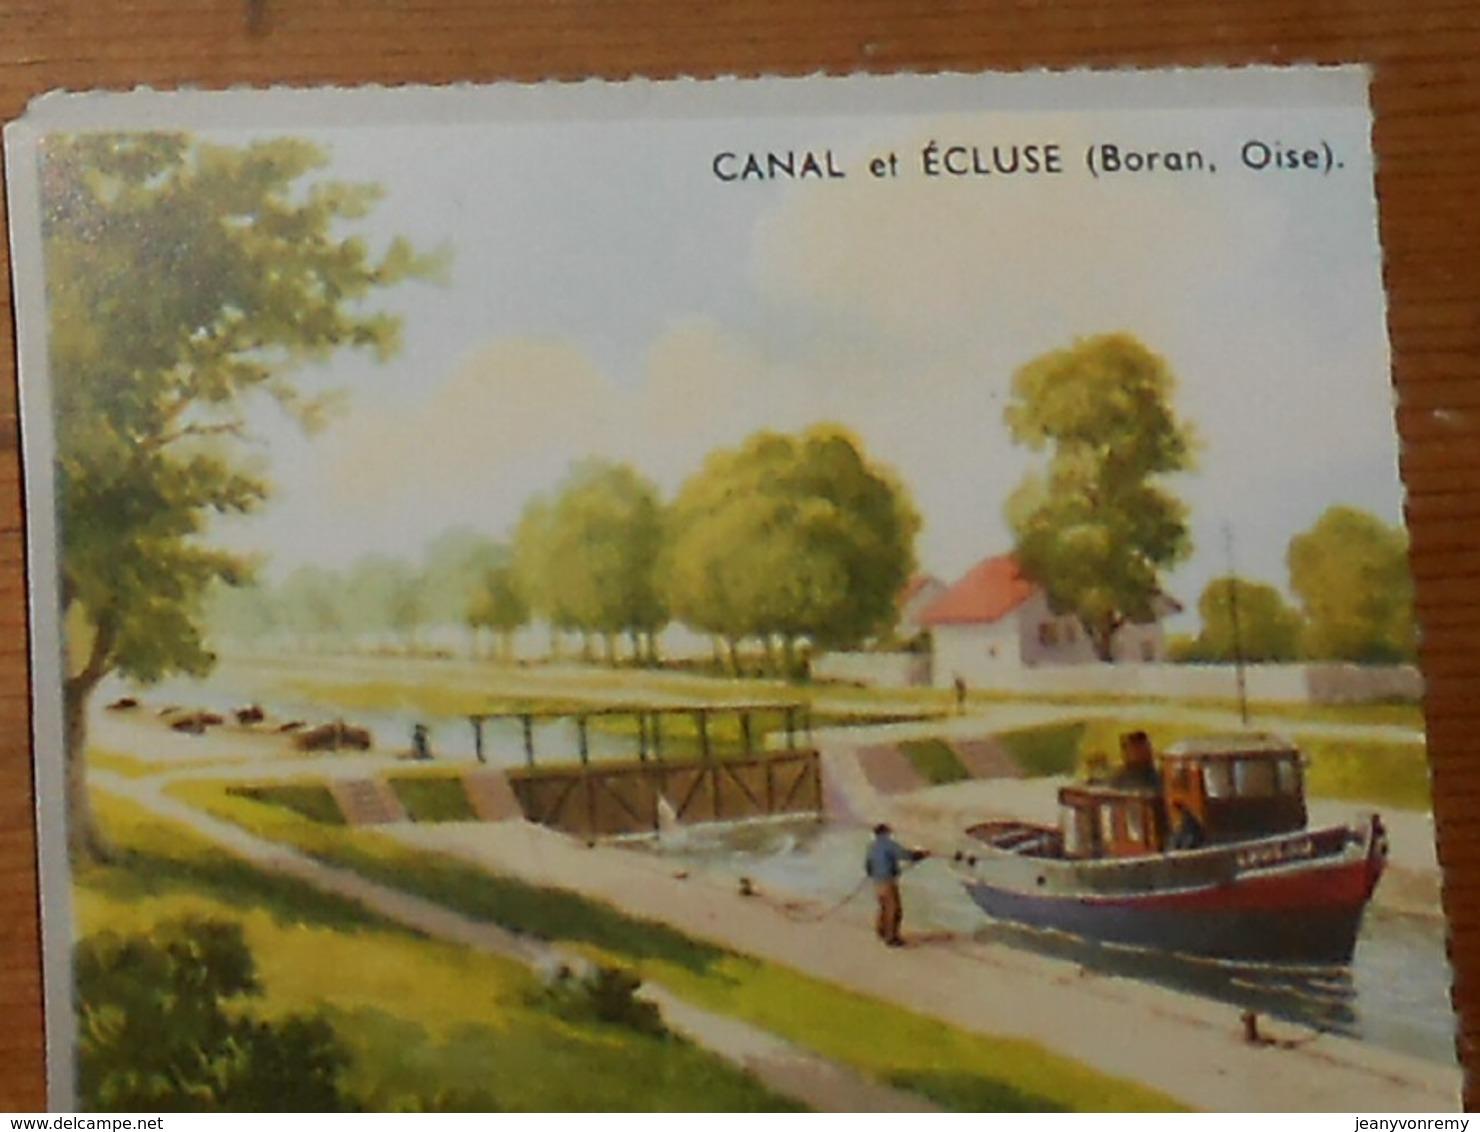 Image D'école Des Années 1950. Canal Et Ecluse à Boran Dans L'Oise. - Vieux Papiers